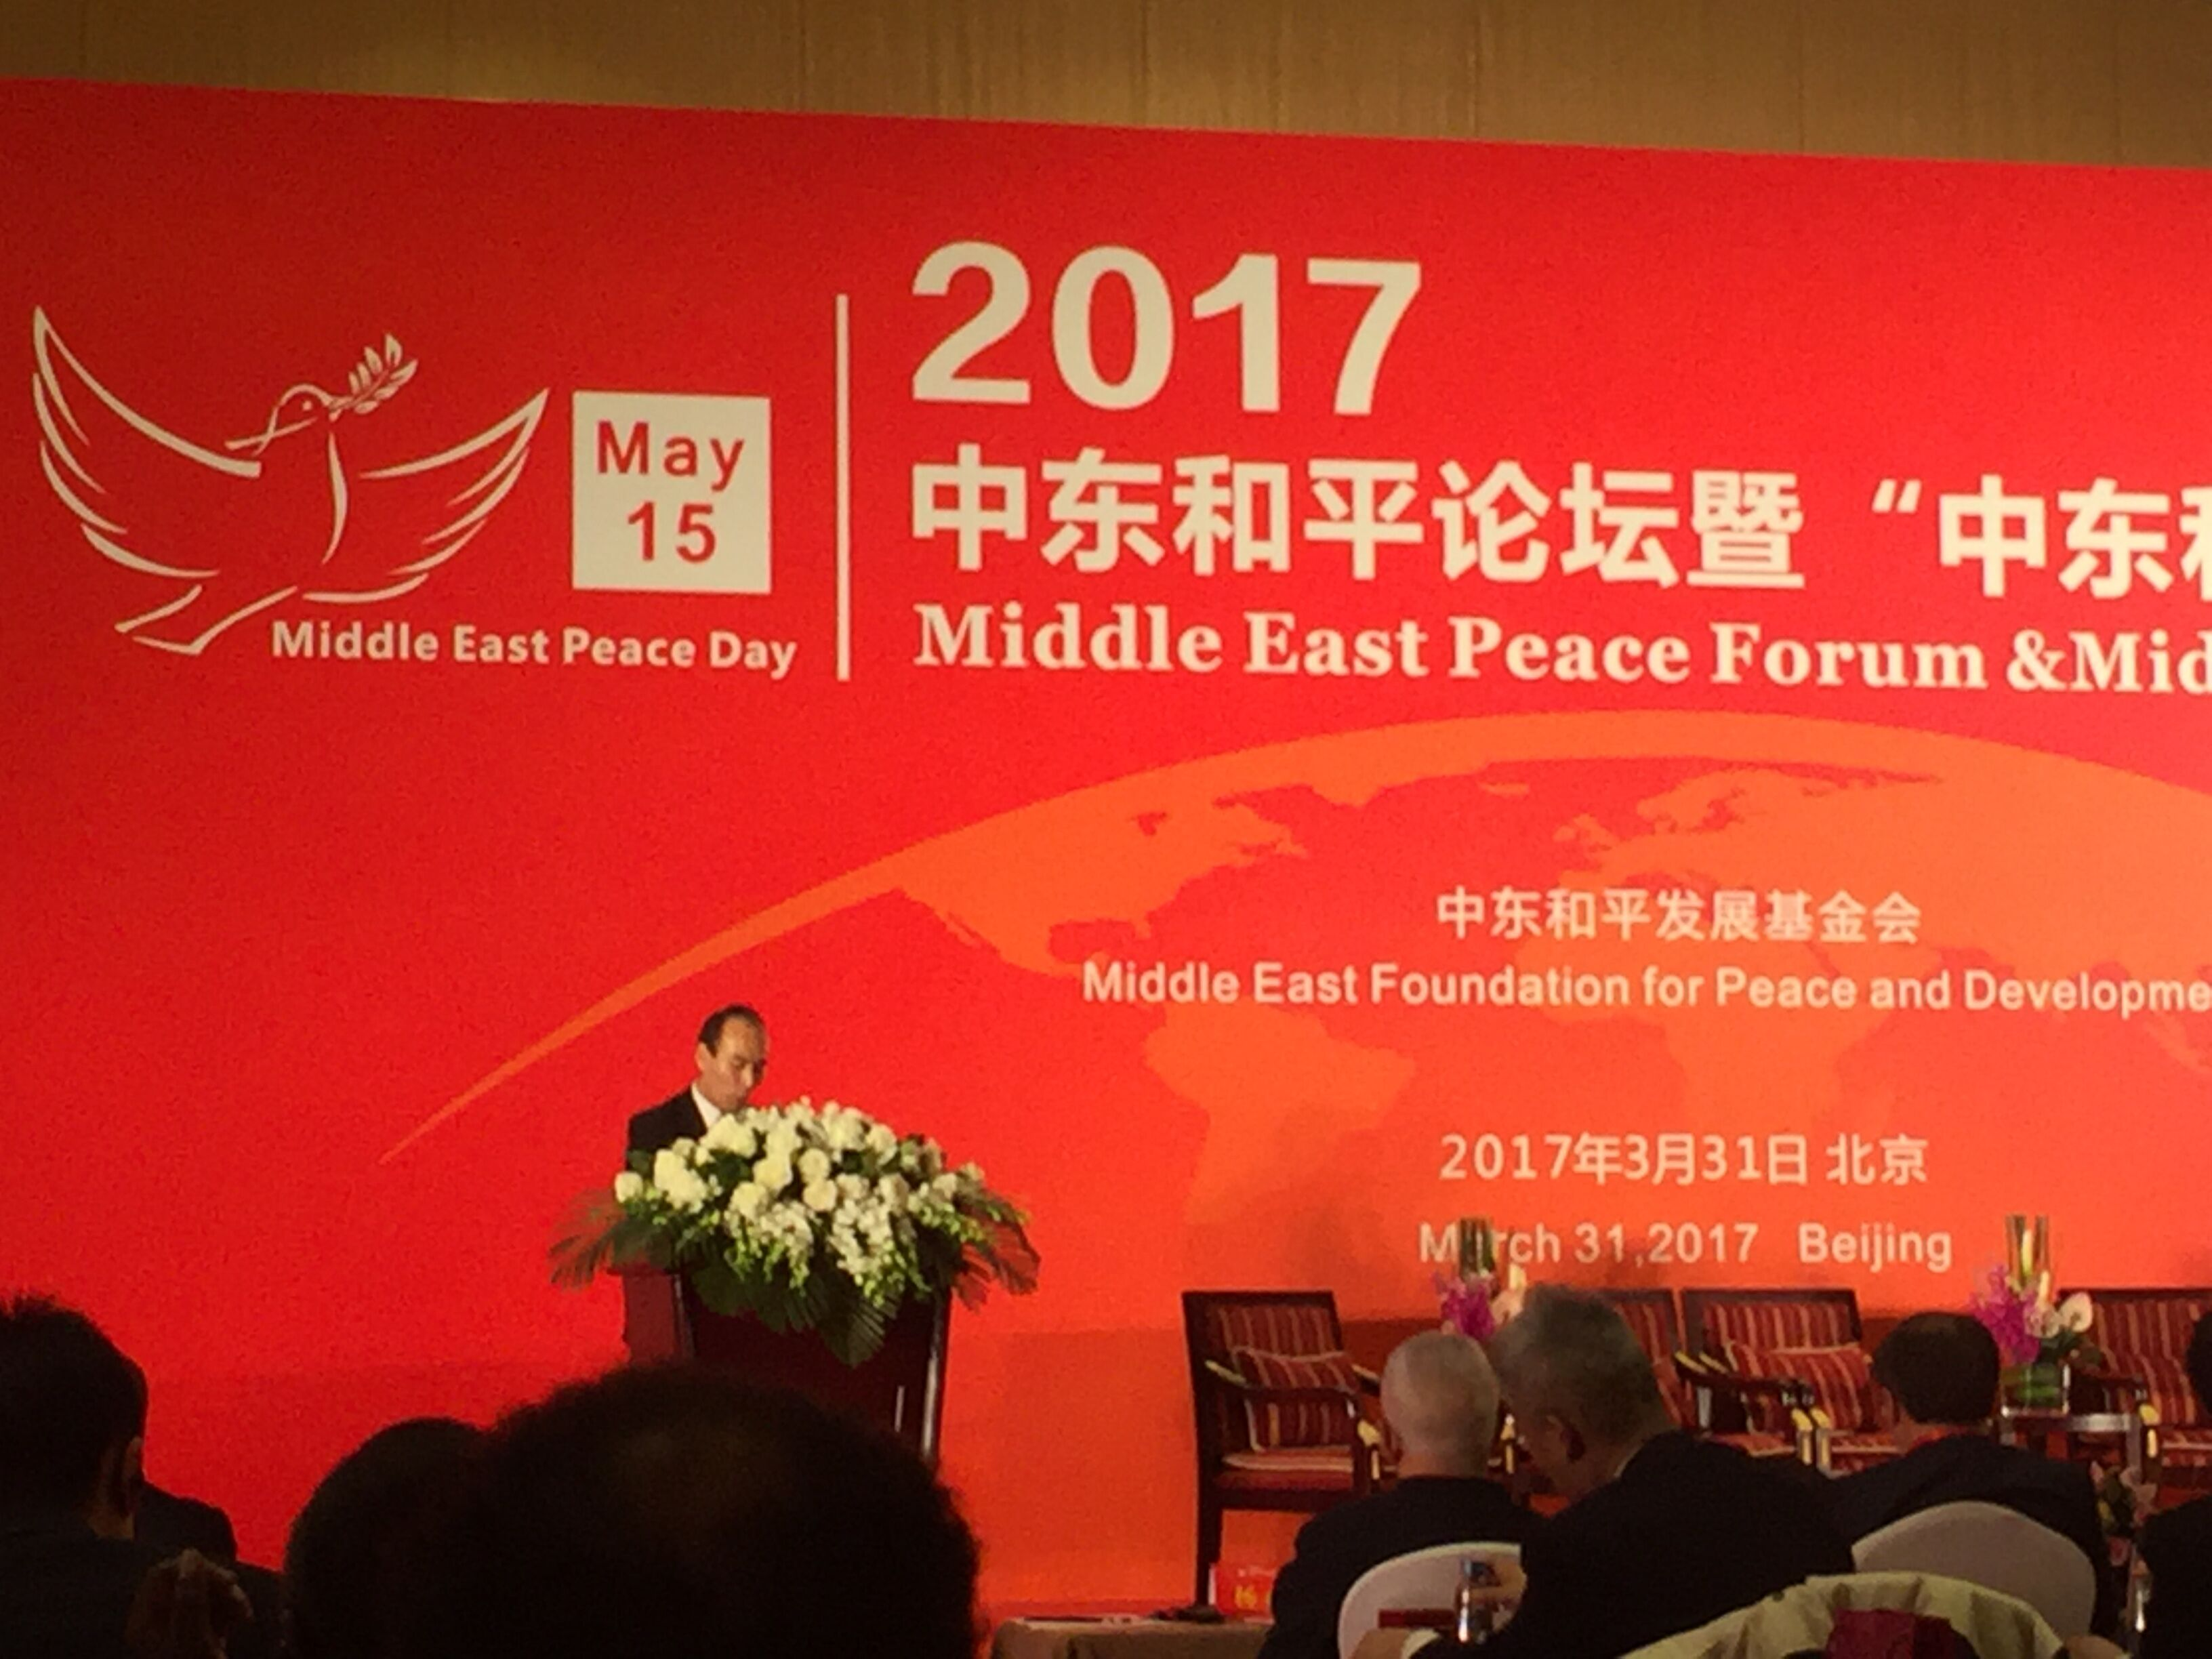 """""""2017中东和平论坛暨中东和平日纪念活动""""在北京举行"""